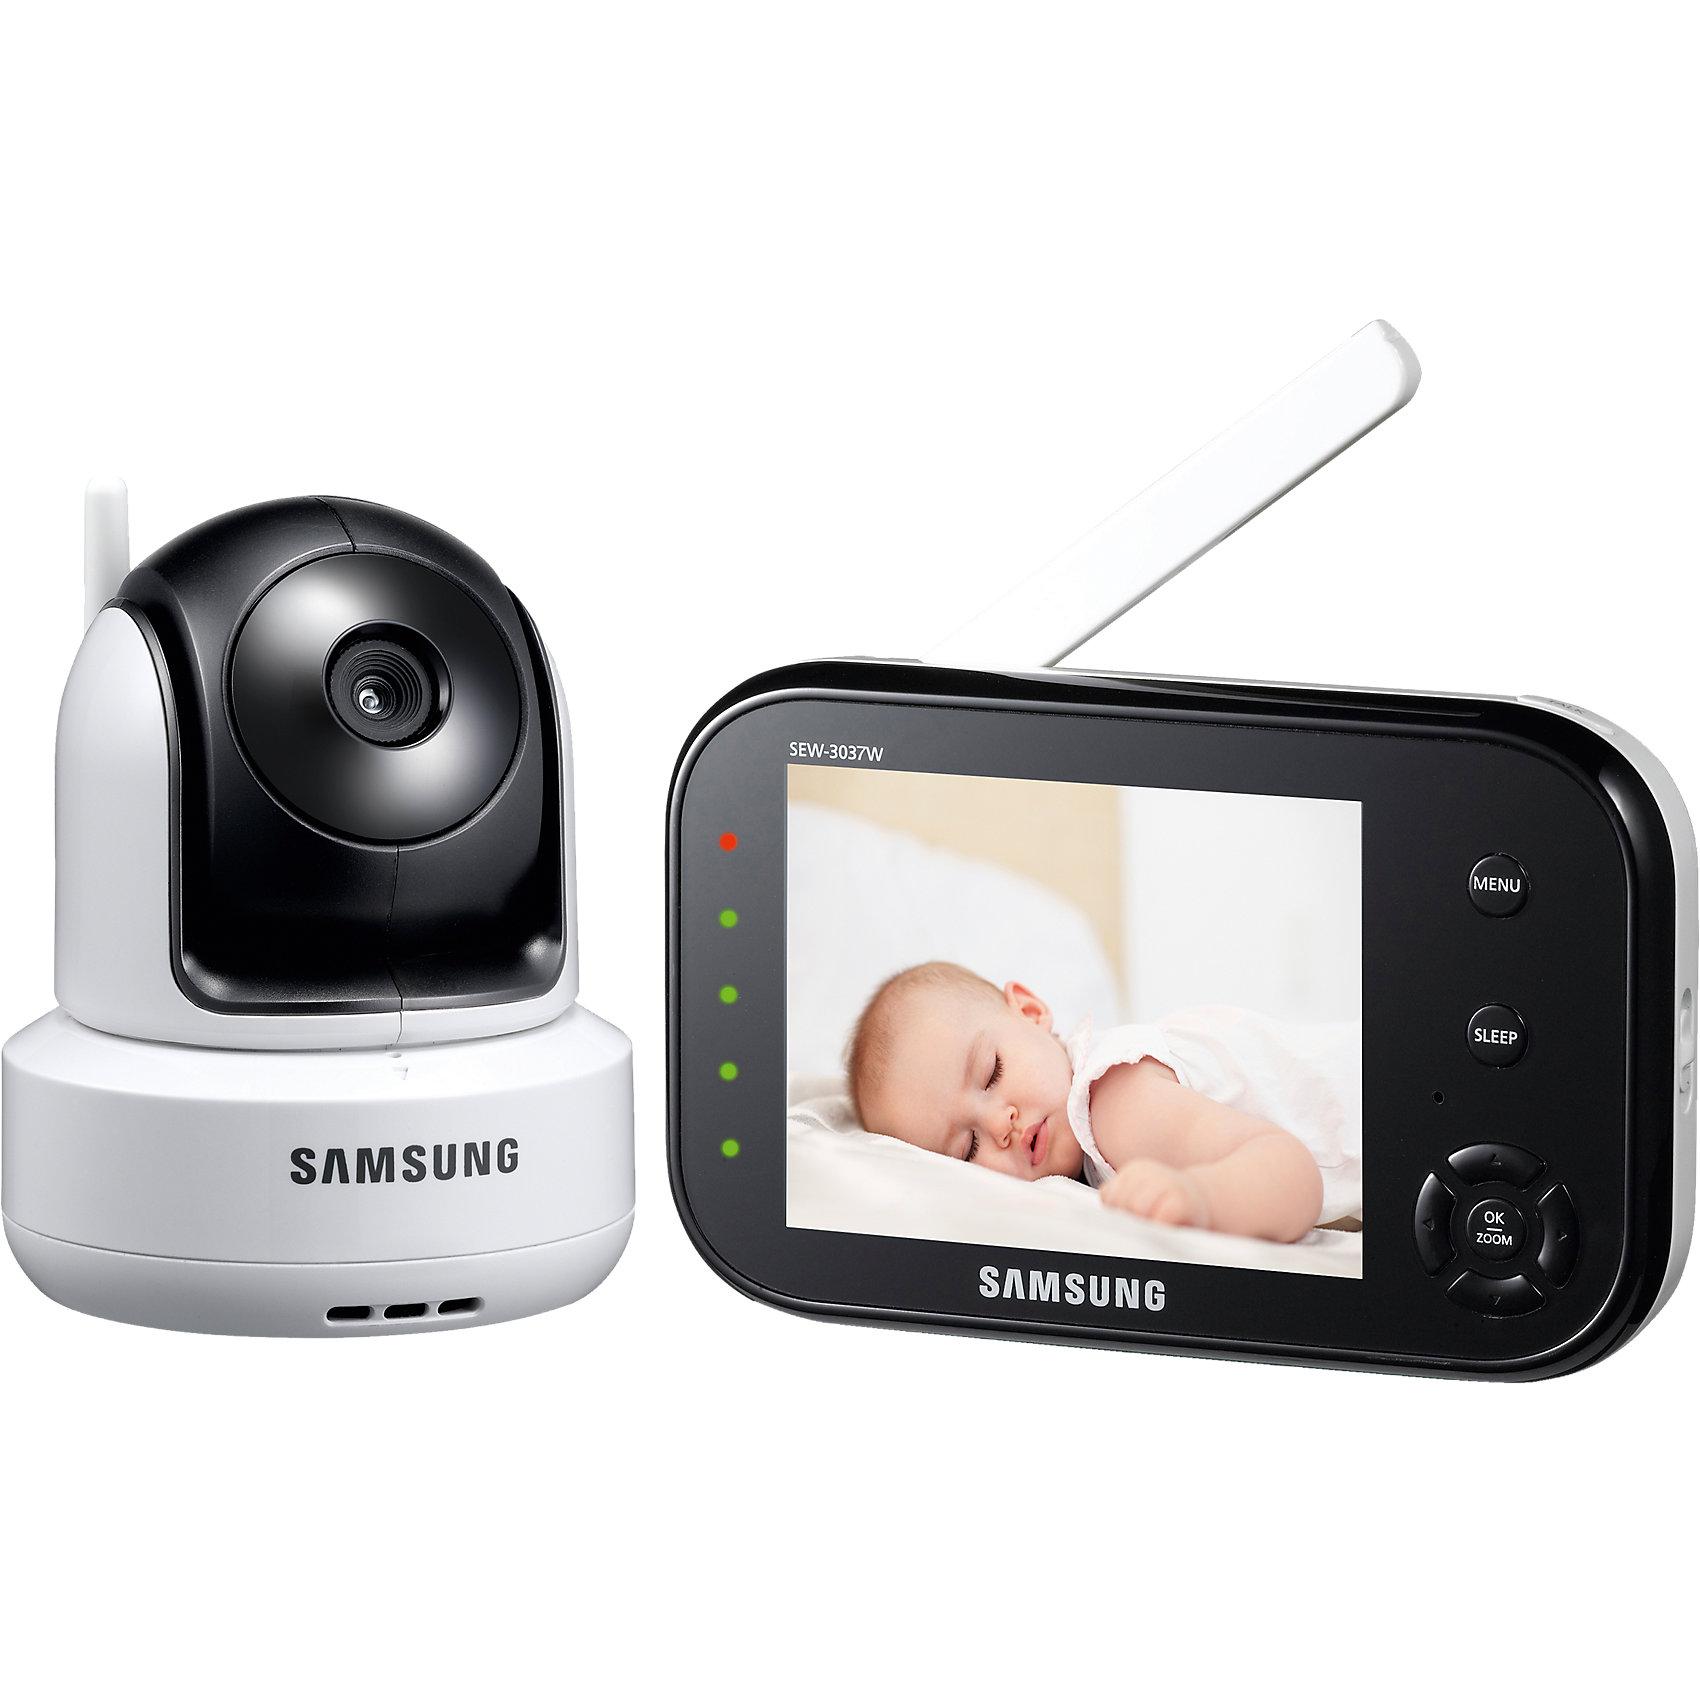 Видеоняня SEW-3037WP, SamsungДетская бытовая техника<br>Для спокойствия молодых родителей компания Samsung занялась производством видеонянь, которые помогают непрерывно наблюдать за своим малышом, даже, когда они не находятся с ним в комнате. Видеоняня Samsung представляет собой камеру (детский блок) и дисплей (родительский блок). Угол обзора камеры позволяет охватить полностью всю детскую. Дисплей достаточно с большой диагональю – 3.5 дюйма (9 см). Работает видеоняня на расстоянии 300 метров, поэтому прекрасно подойдет для большой квартиры или частного дома. Одновременно можно подключить до 4-х камер, что очень удобно, ведь их возможно расположить в разных комнатах и не переносить детский блок из комнаты в комнату.<br><br> Дополнительная информация:<br><br>- диагональ дисплея 9 см (3,5 дюйма).<br>- дальность приёма 300 метров.<br>- система подавления помех. <br>- двухсторонняя связь. вы можете не только слышать малыша, но и поговорить с ним на расстоянии.<br>- ночное видение включается автоматически при недостаточном освещении в детской комнате.<br>- активация при плаче (vox) <br>- кнопка «sleep» <br>- индикатор громкости плача в виде led-индикаторов.<br>- функция приближения (цифровой зум).<br>- наклон камеры можно отрегулировать вручную.<br>- предупреждение о выходе из зоны приёма.<br>- предупреждение о низком заряде аккумулятора.<br>- регулировка громкости звука.<br>- к детскому блоку видеоняни можно одновременно подключить до 4 камер, которые ---переключаются вручную или в автоматическом режиме.<br>- в комплекте набор для крепления камеры на стене.<br><br>Видеоняня  торговой марки  Samsung можно купить в нашем интернет-магазине<br><br>Ширина мм: 289<br>Глубина мм: 241<br>Высота мм: 121<br>Вес г: 1004<br>Цвет: белый<br>Возраст от месяцев: 0<br>Возраст до месяцев: 36<br>Пол: Унисекс<br>Возраст: Детский<br>SKU: 4099419